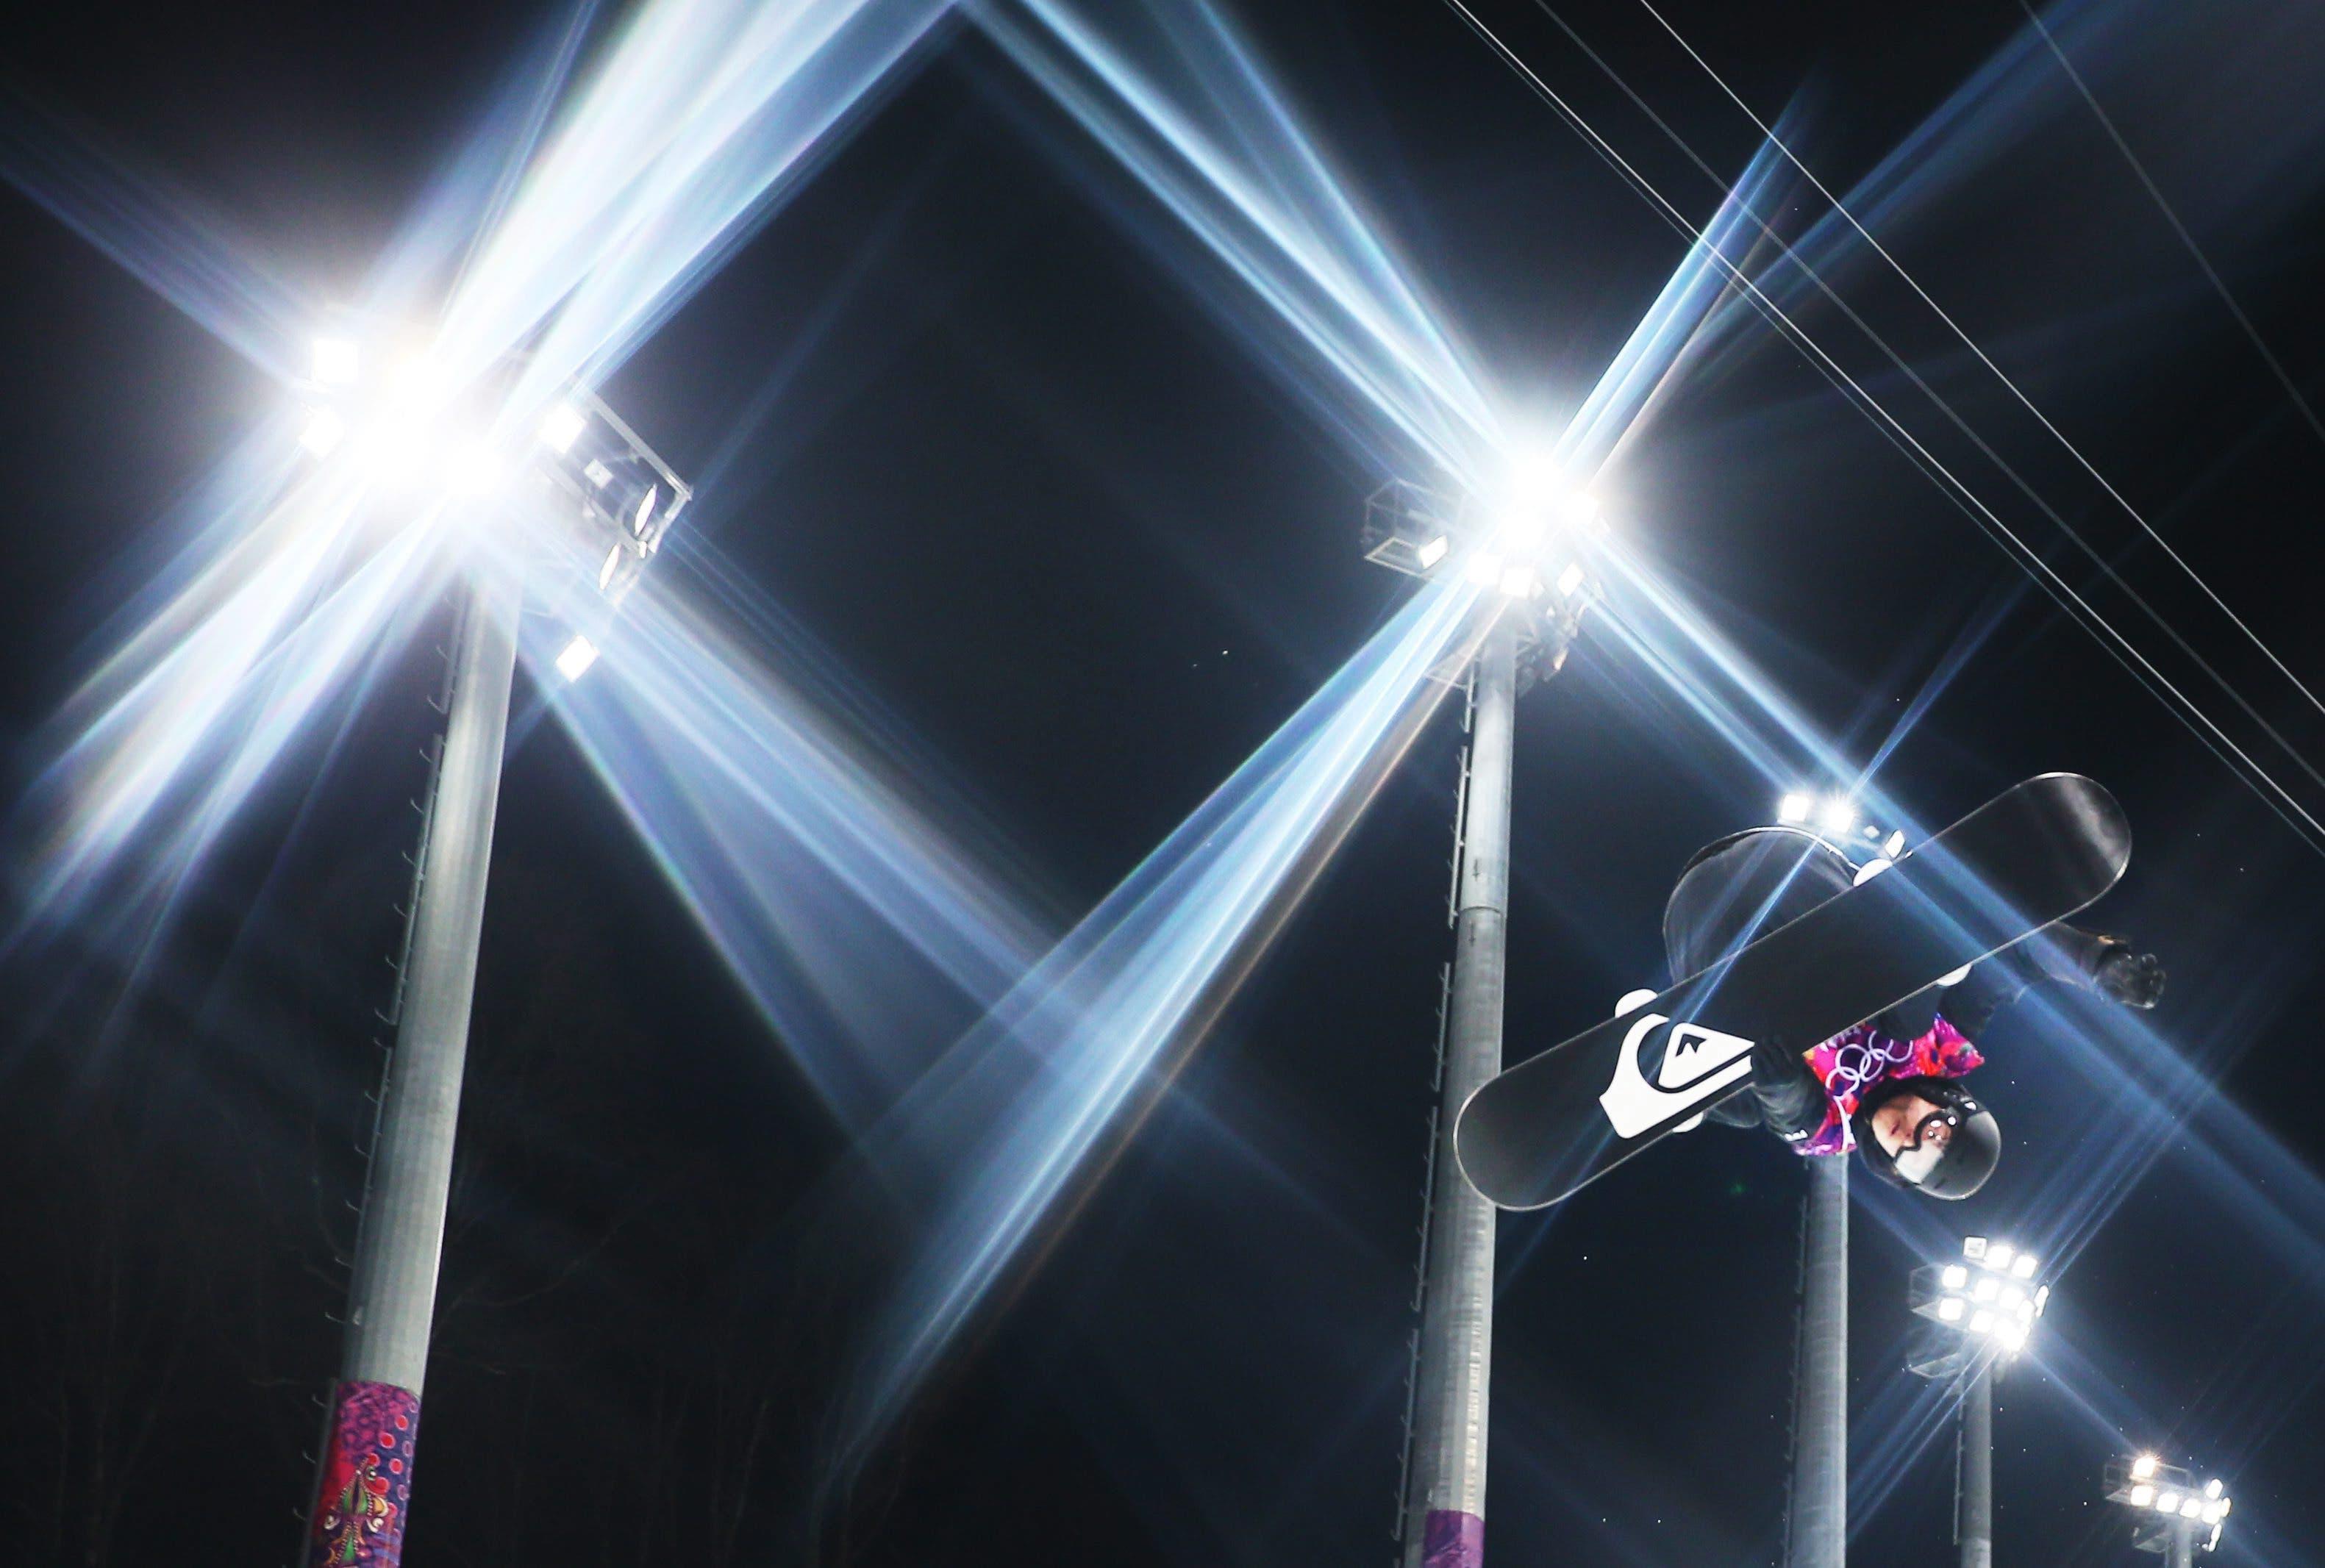 2013 steht er ihn bei den X Games zum ersten Mal: seinen eigen kreierten Yolo-Flip. Dieser verhilft ihm ein Jahr später zu Gold an den Olympischen Spielen in Sotschi.